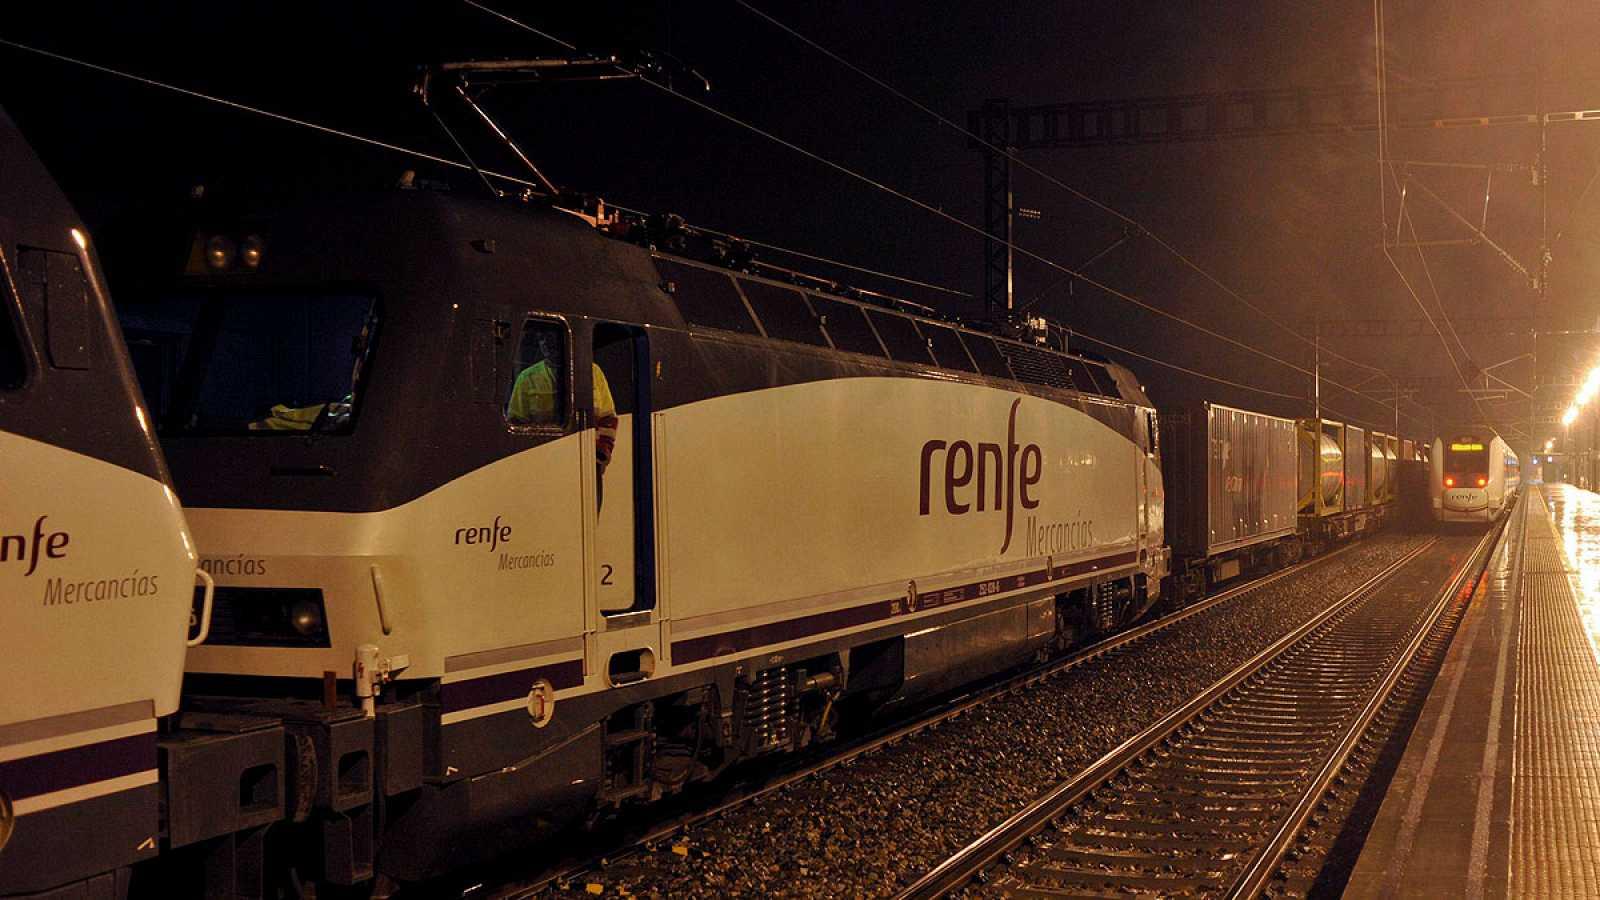 Imagen de archivo de un tren de Renfe mercancías